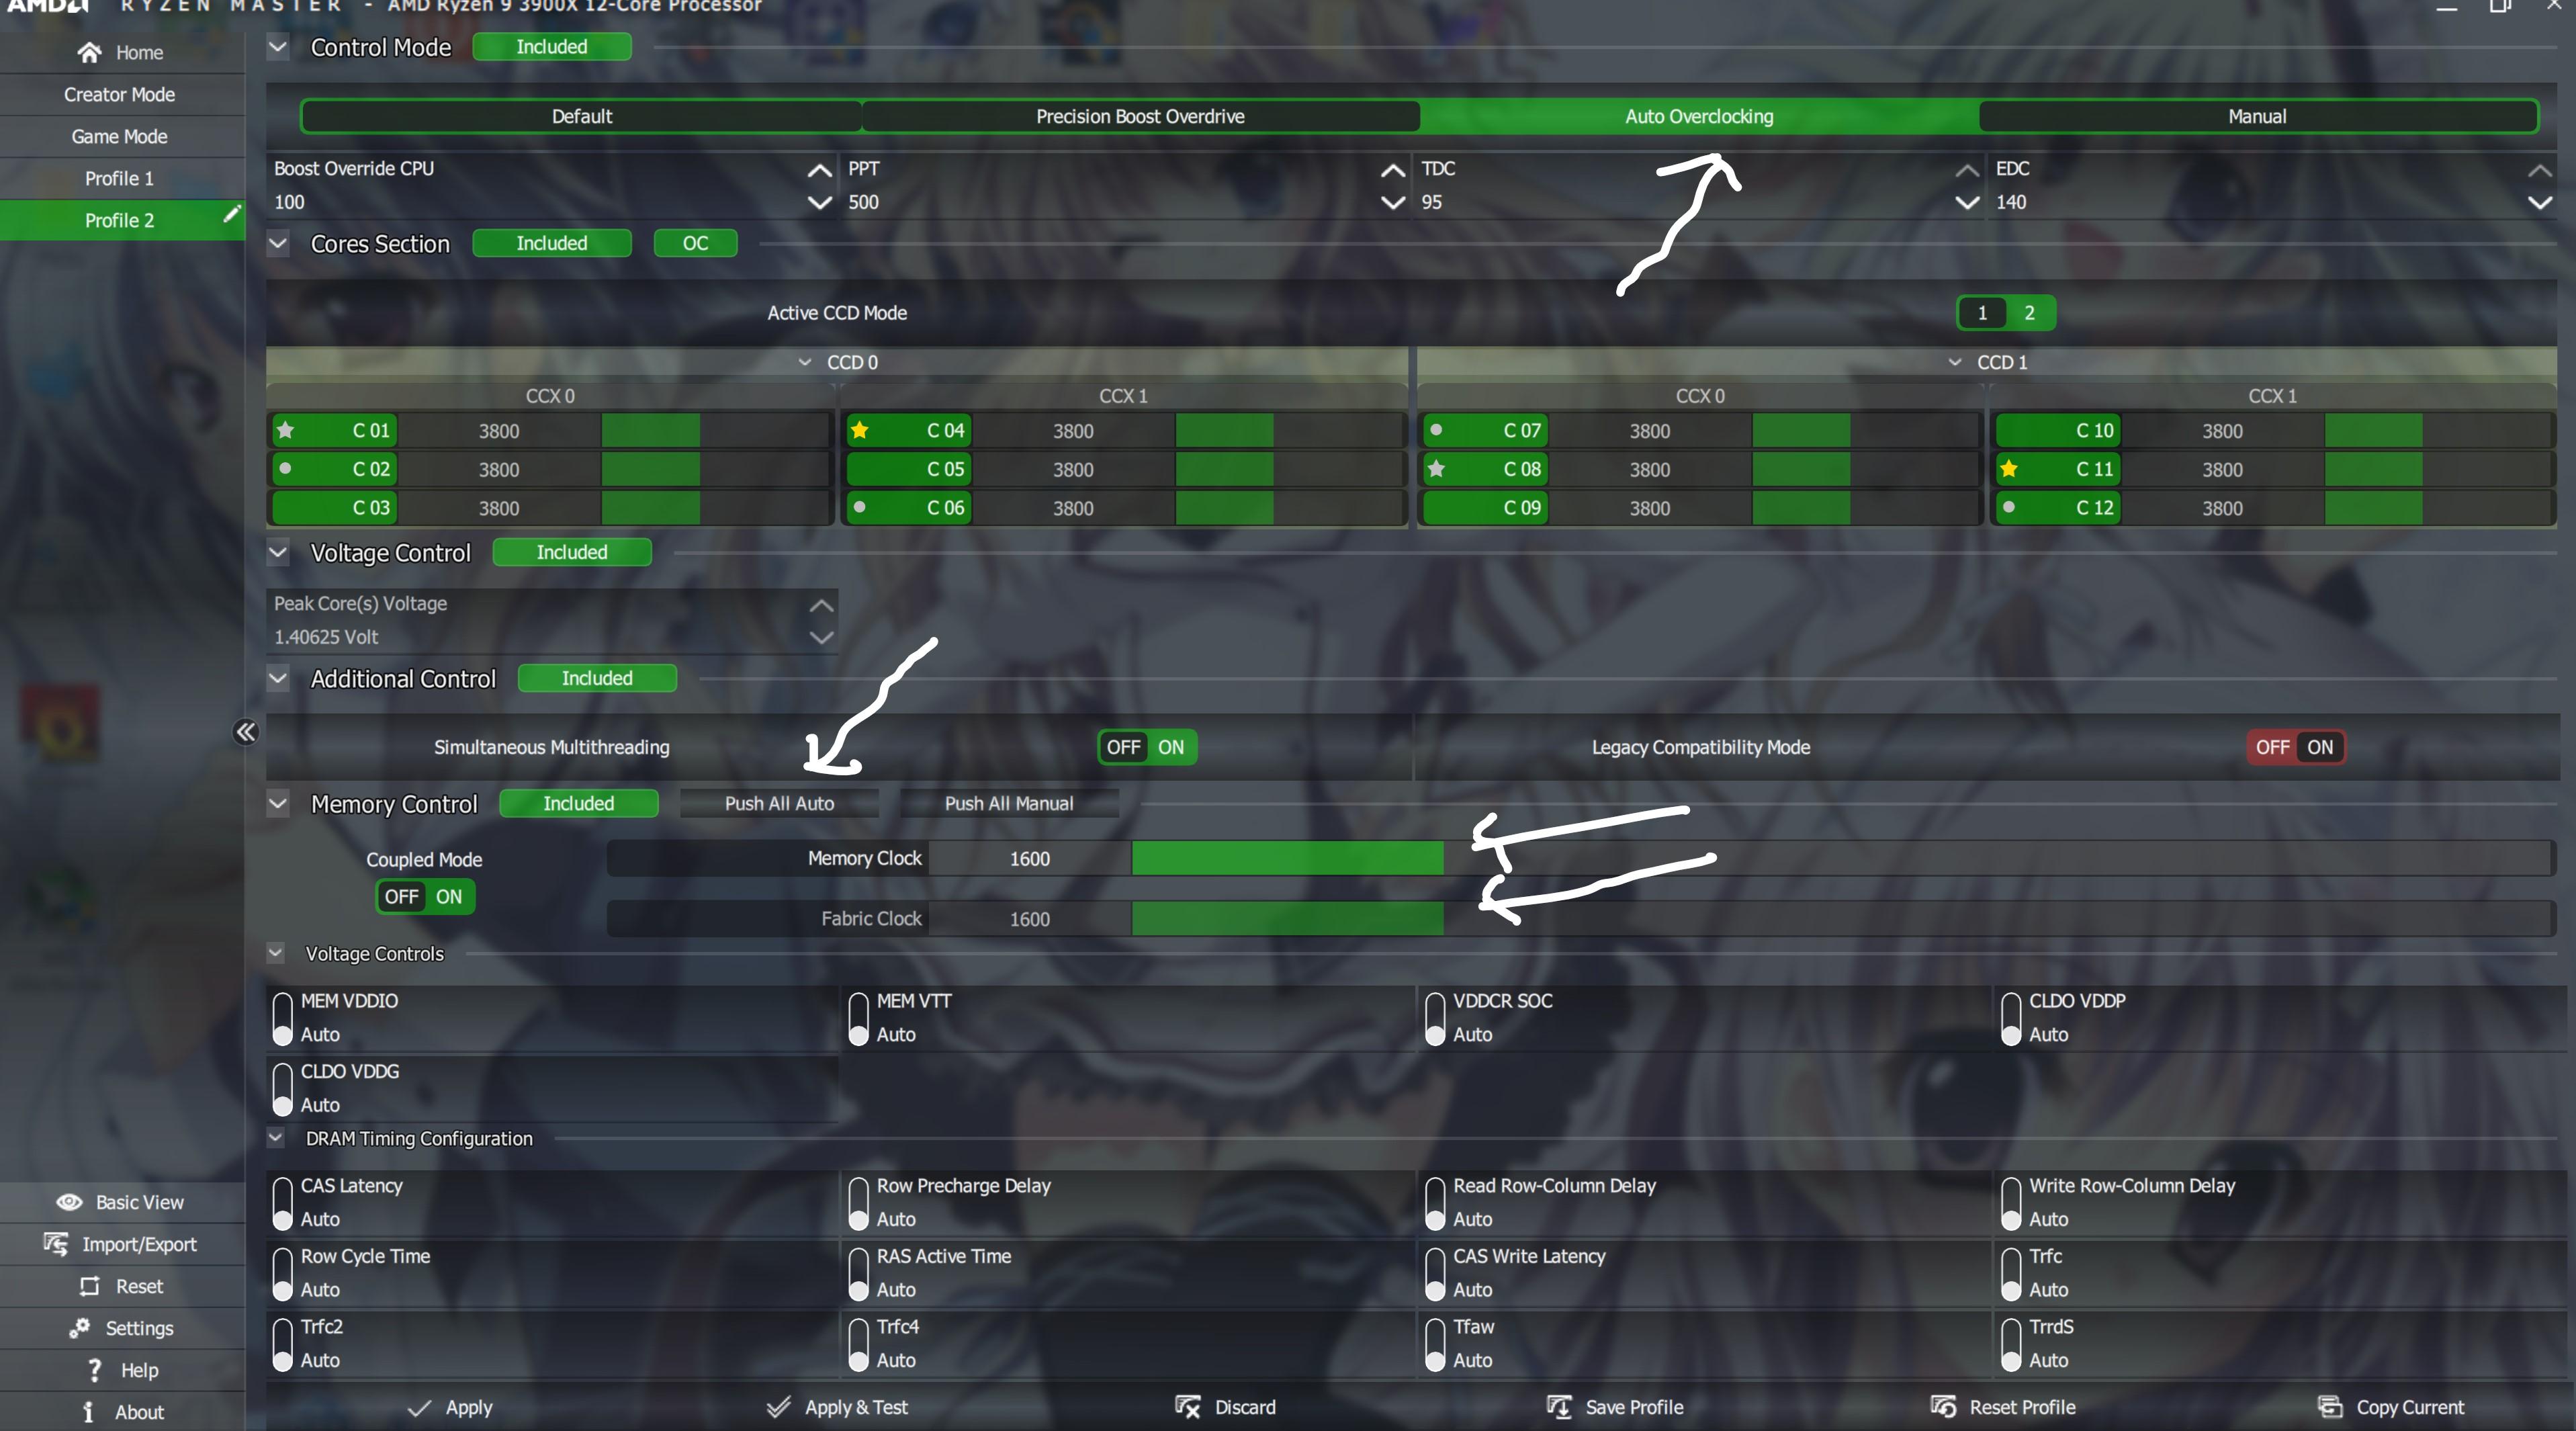 Screenshot 2021-01-22 205101.jpg